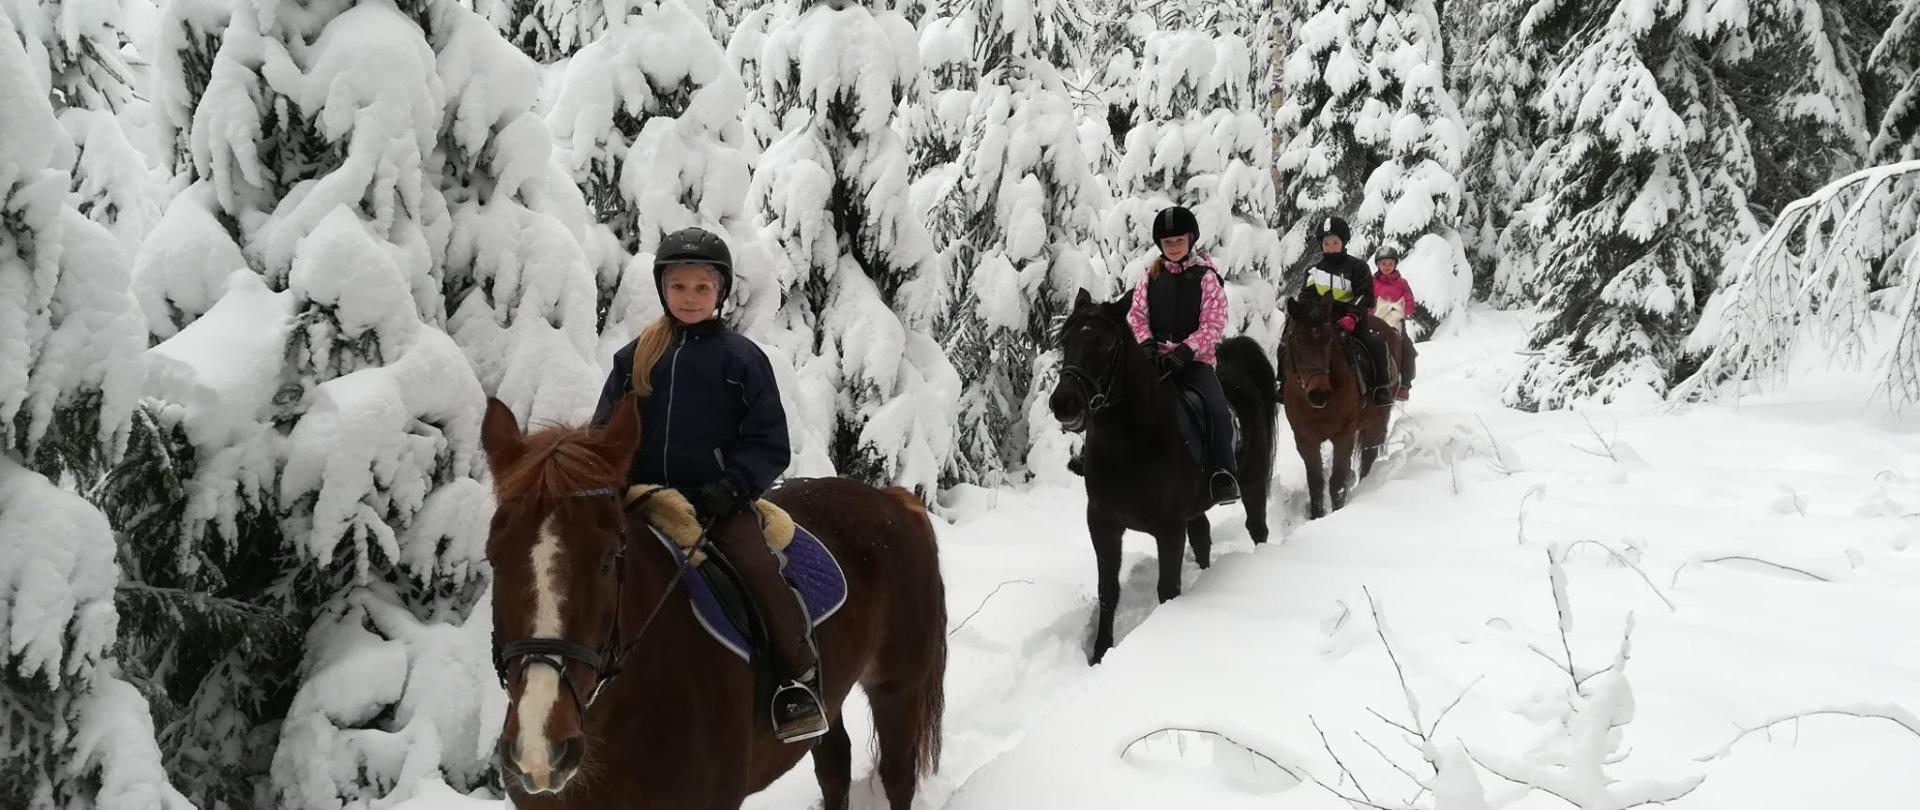 Paardrijden in de sneeuw!.jpg